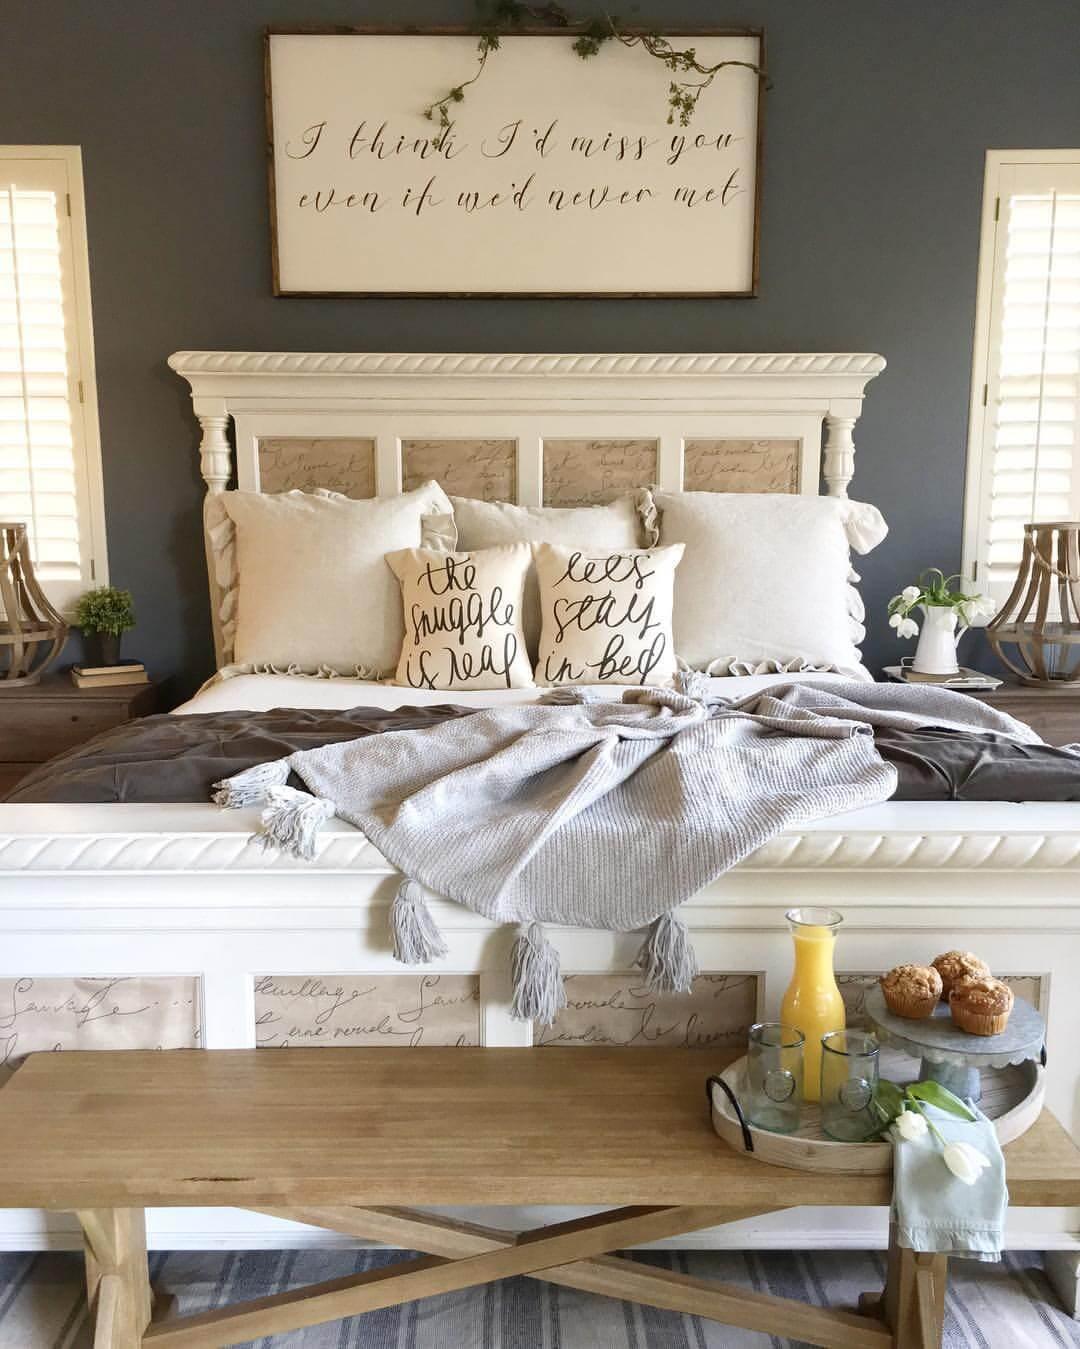 21 modi per arredare la camera da letto in stile shabby (foto) - Come Decorare Le Pareti Della Camera Da Letto